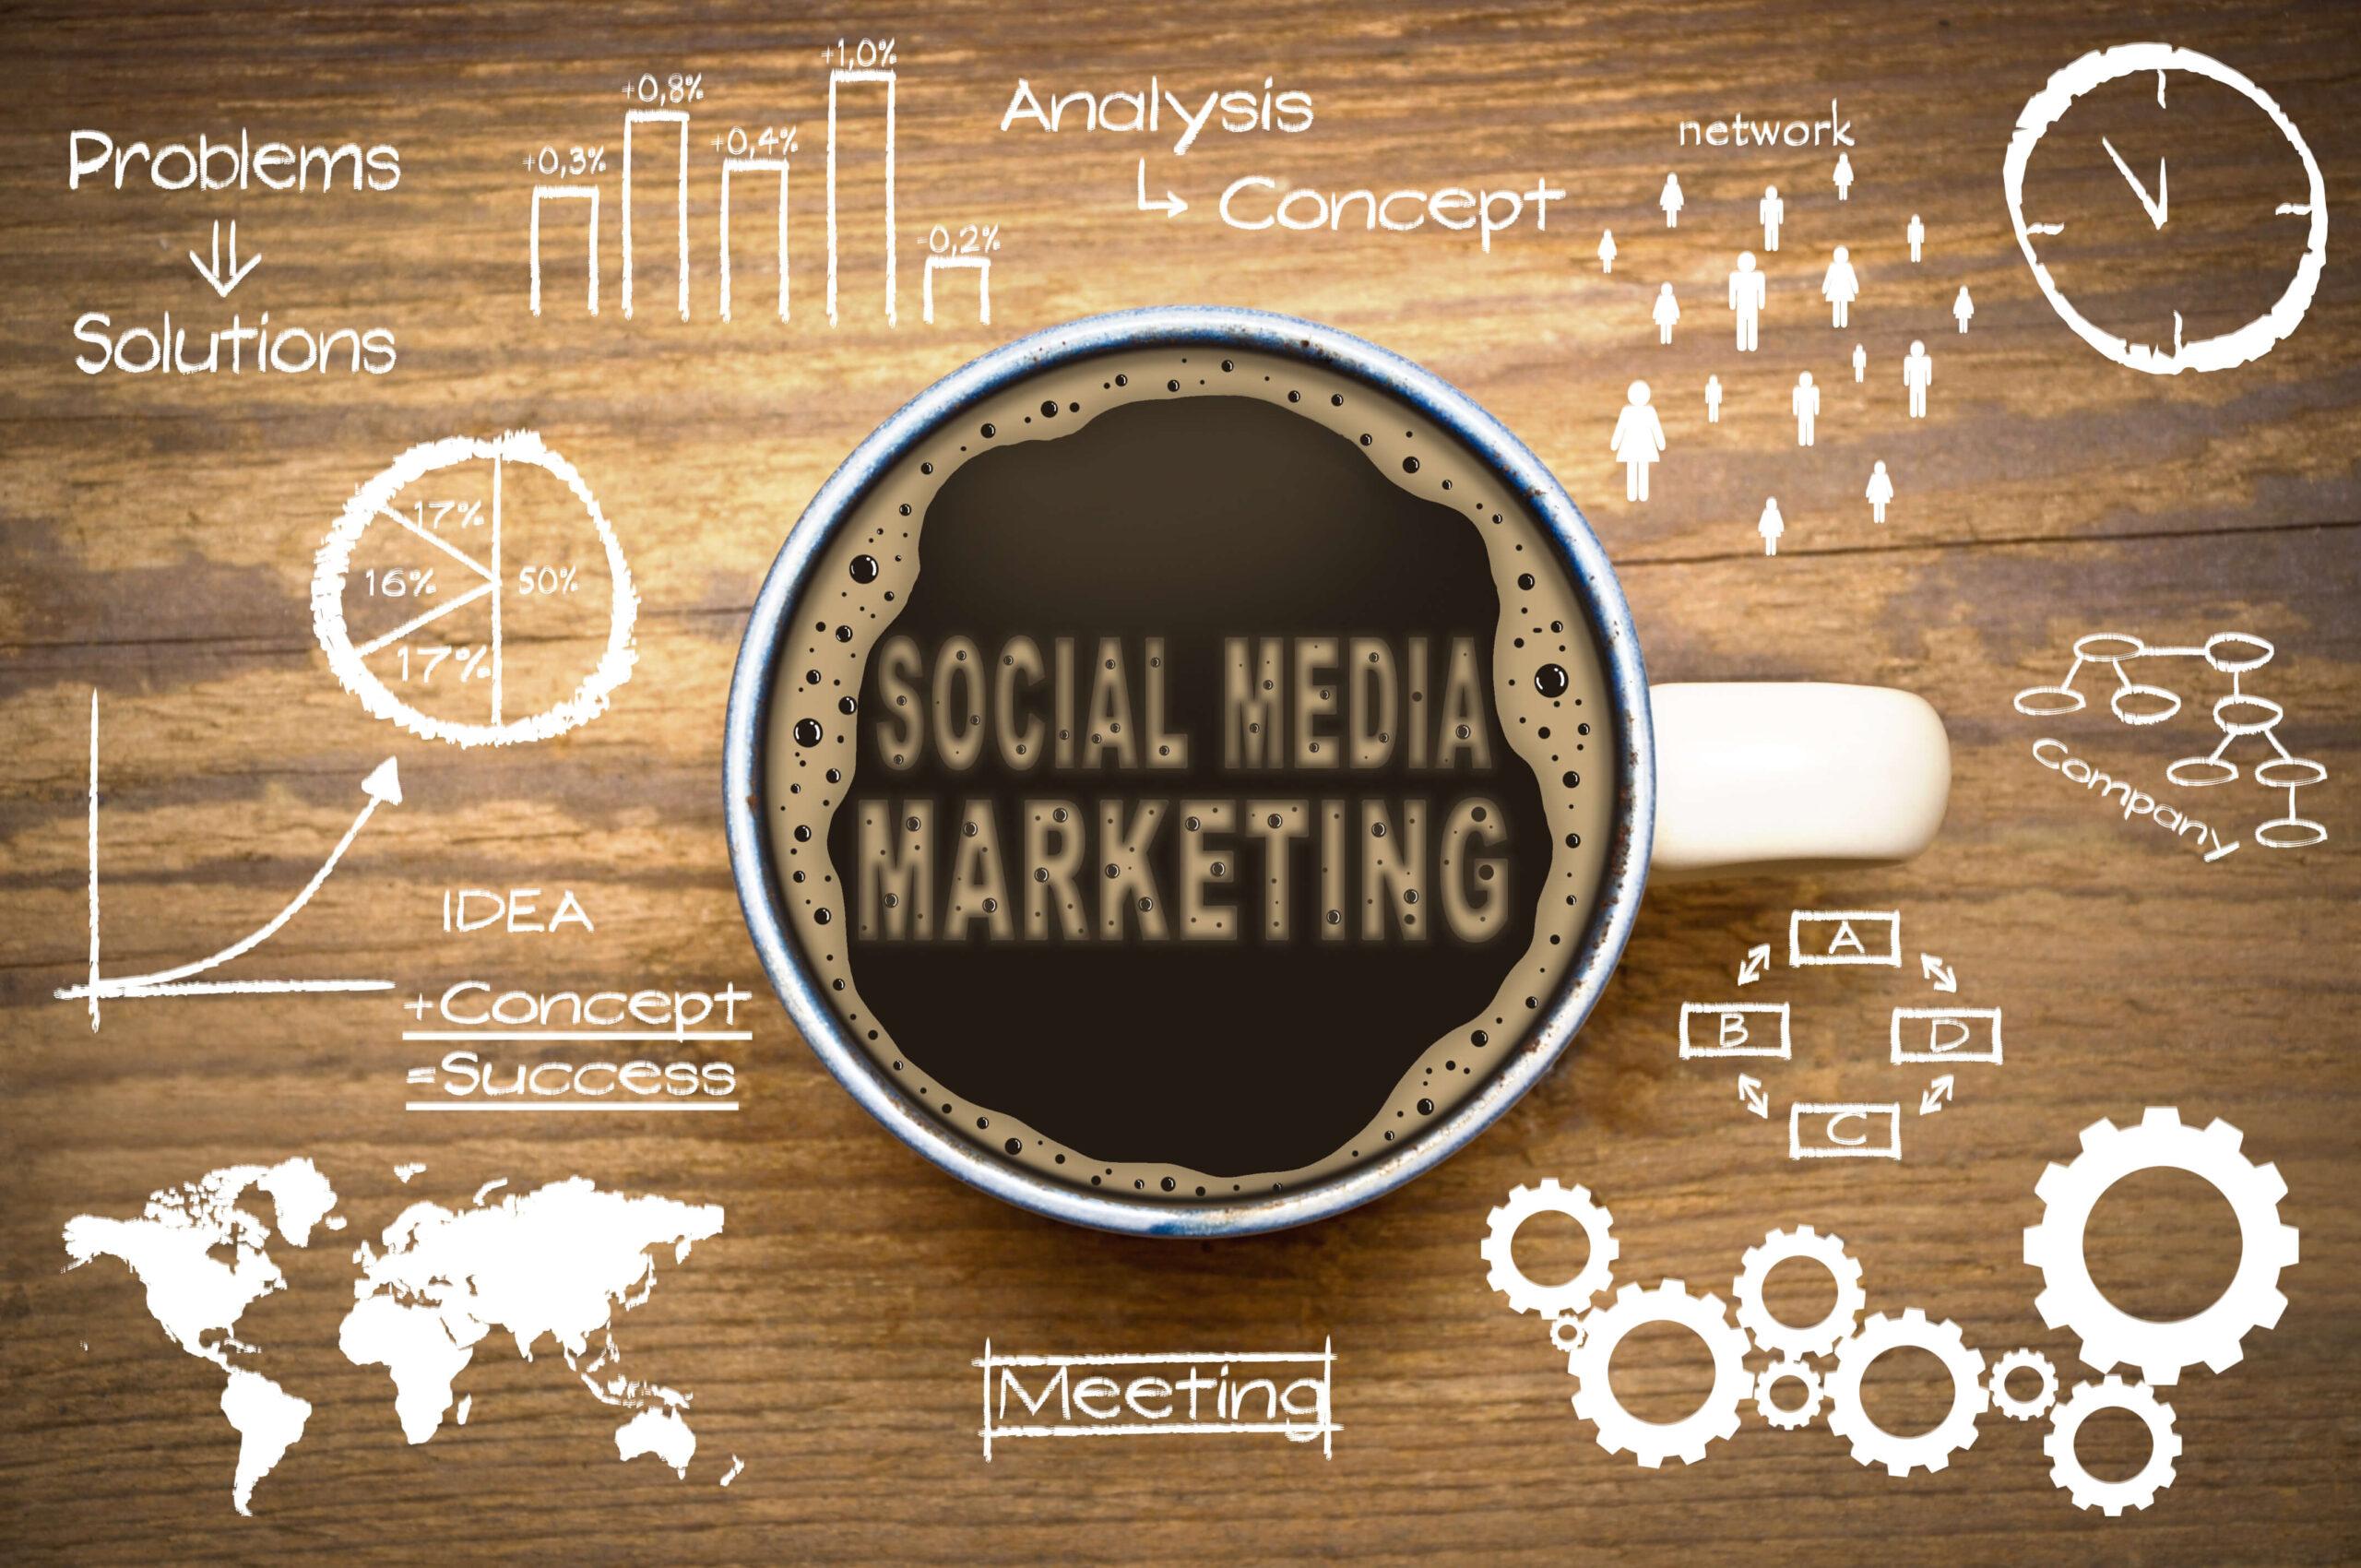 Twitter広告でフォロワーは増える?Twitterの特徴をご紹介